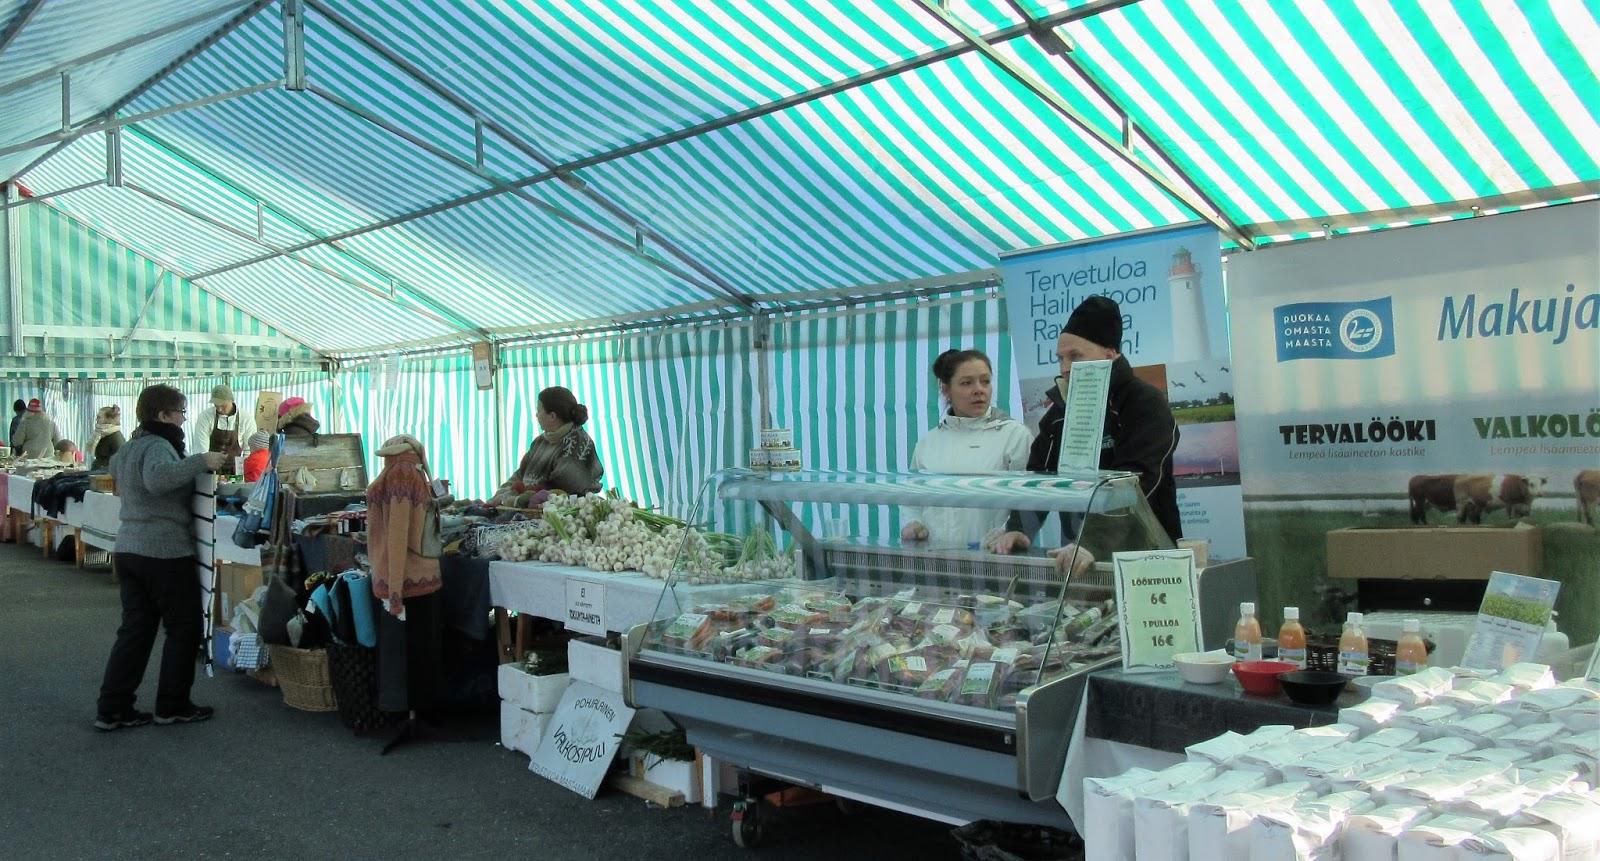 Siikamarkkinat